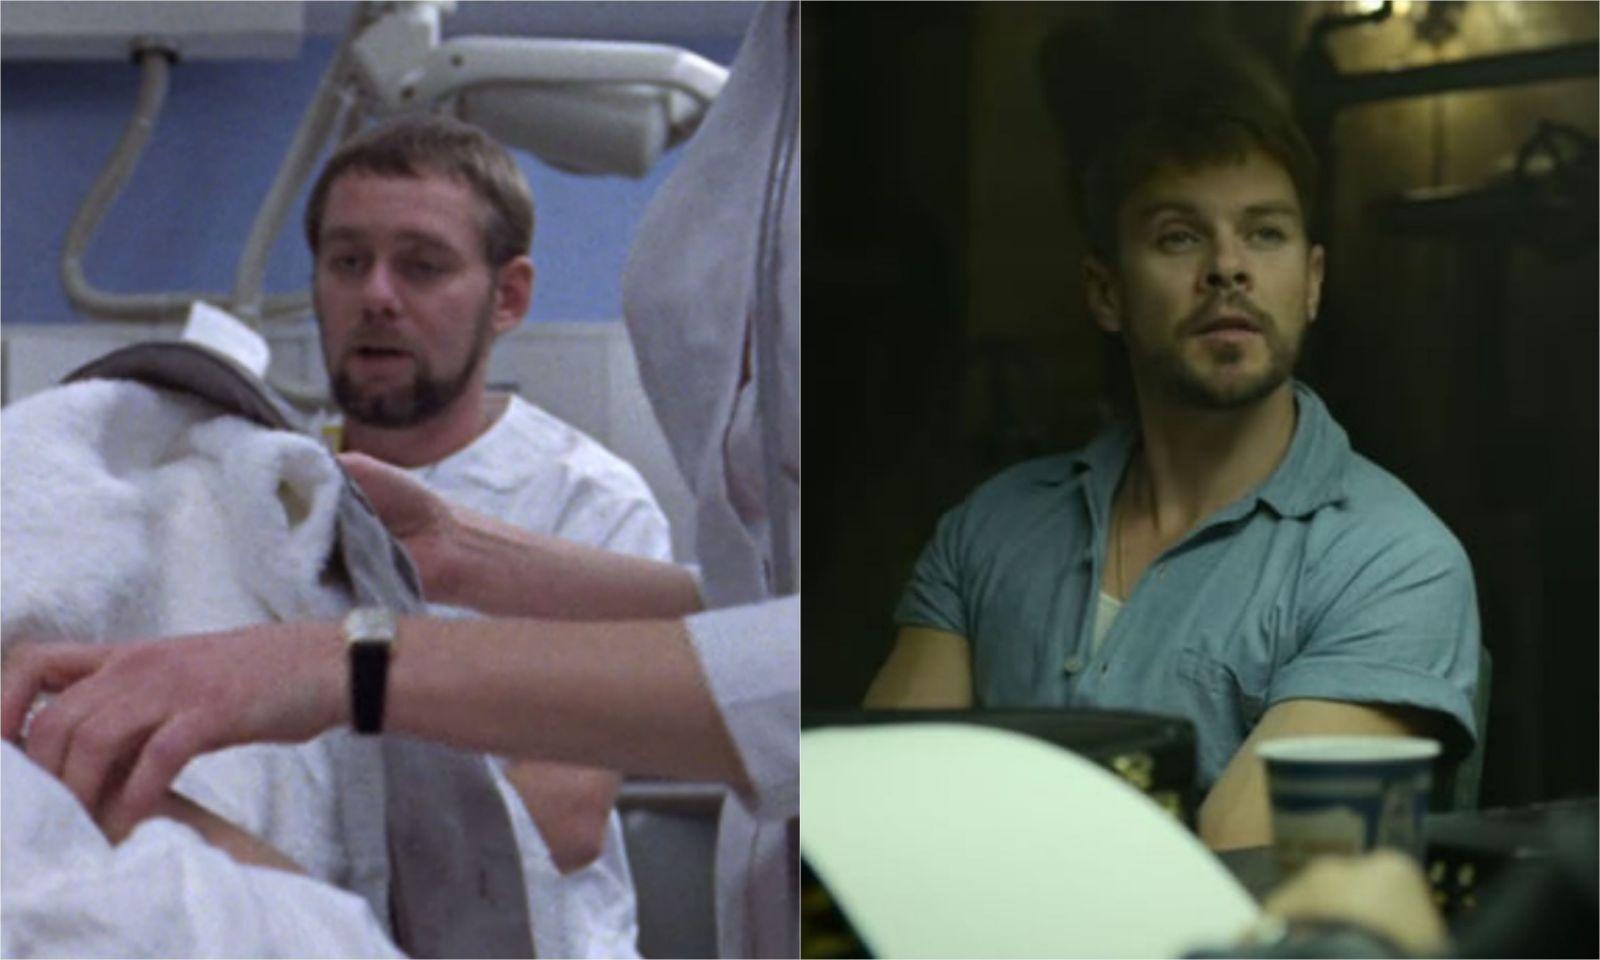 Jaké sériové vrahy nám představil seriál Mindhunter